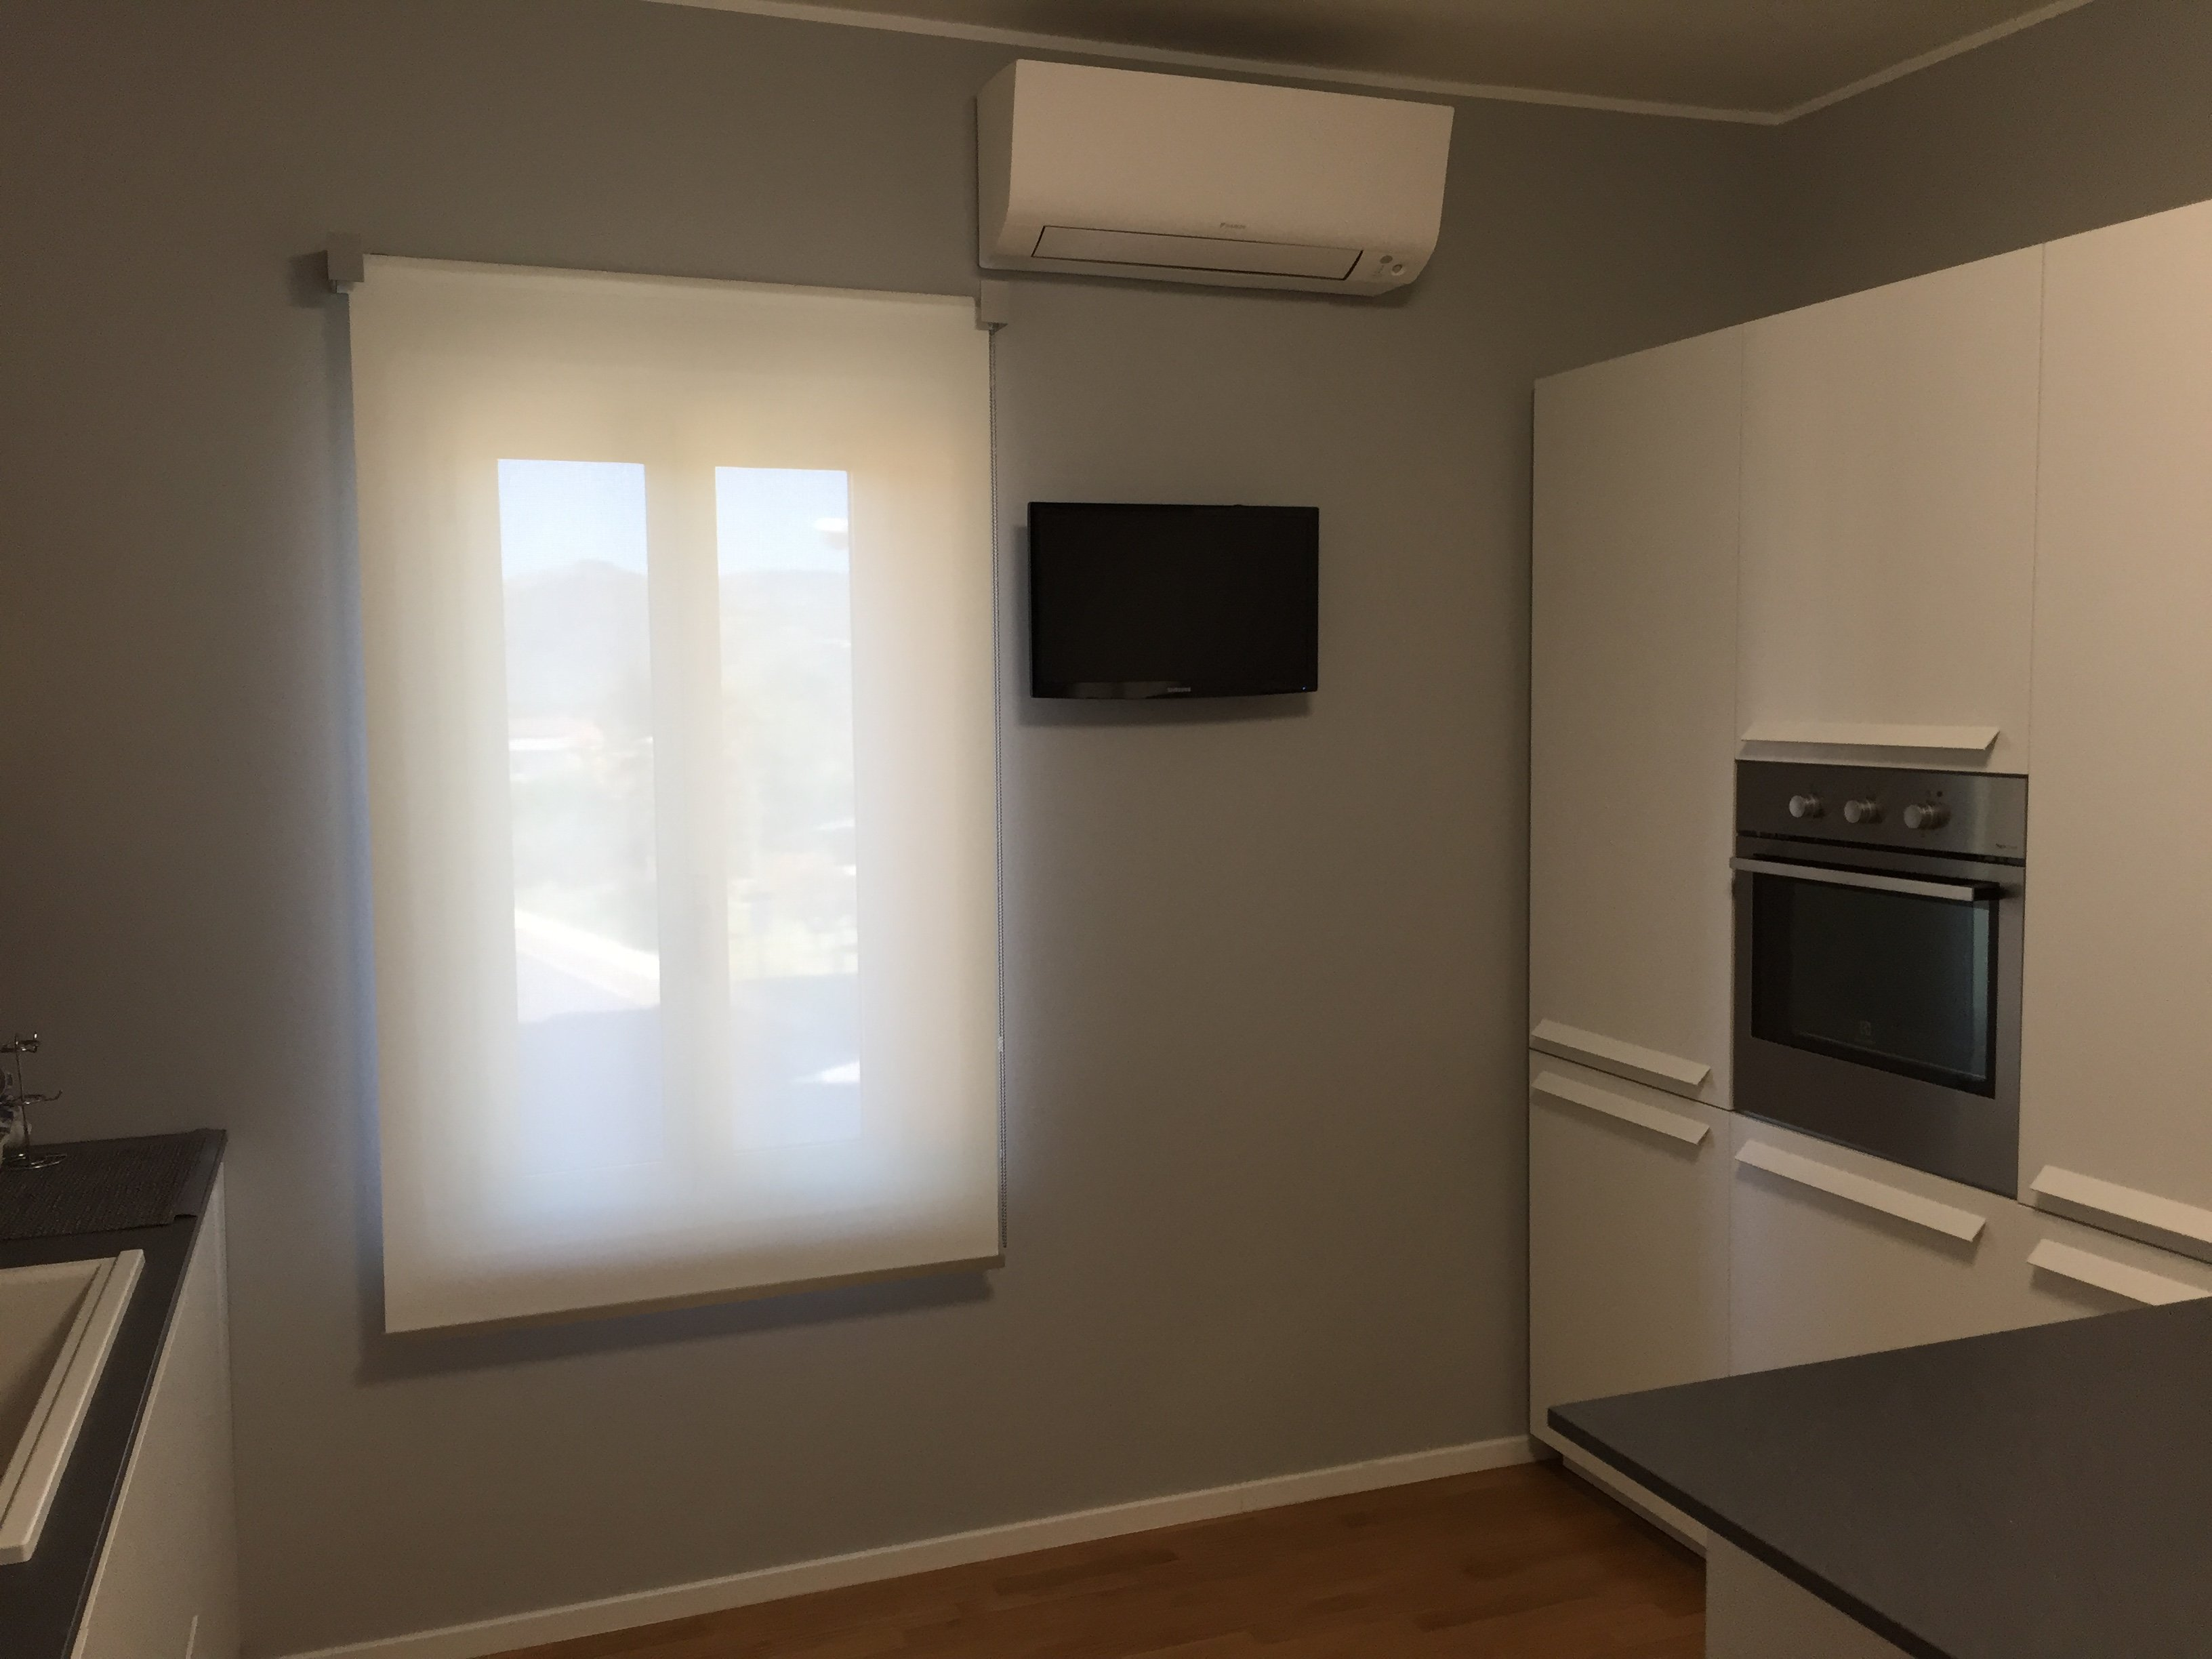 finestra con tenda quasi trasparente